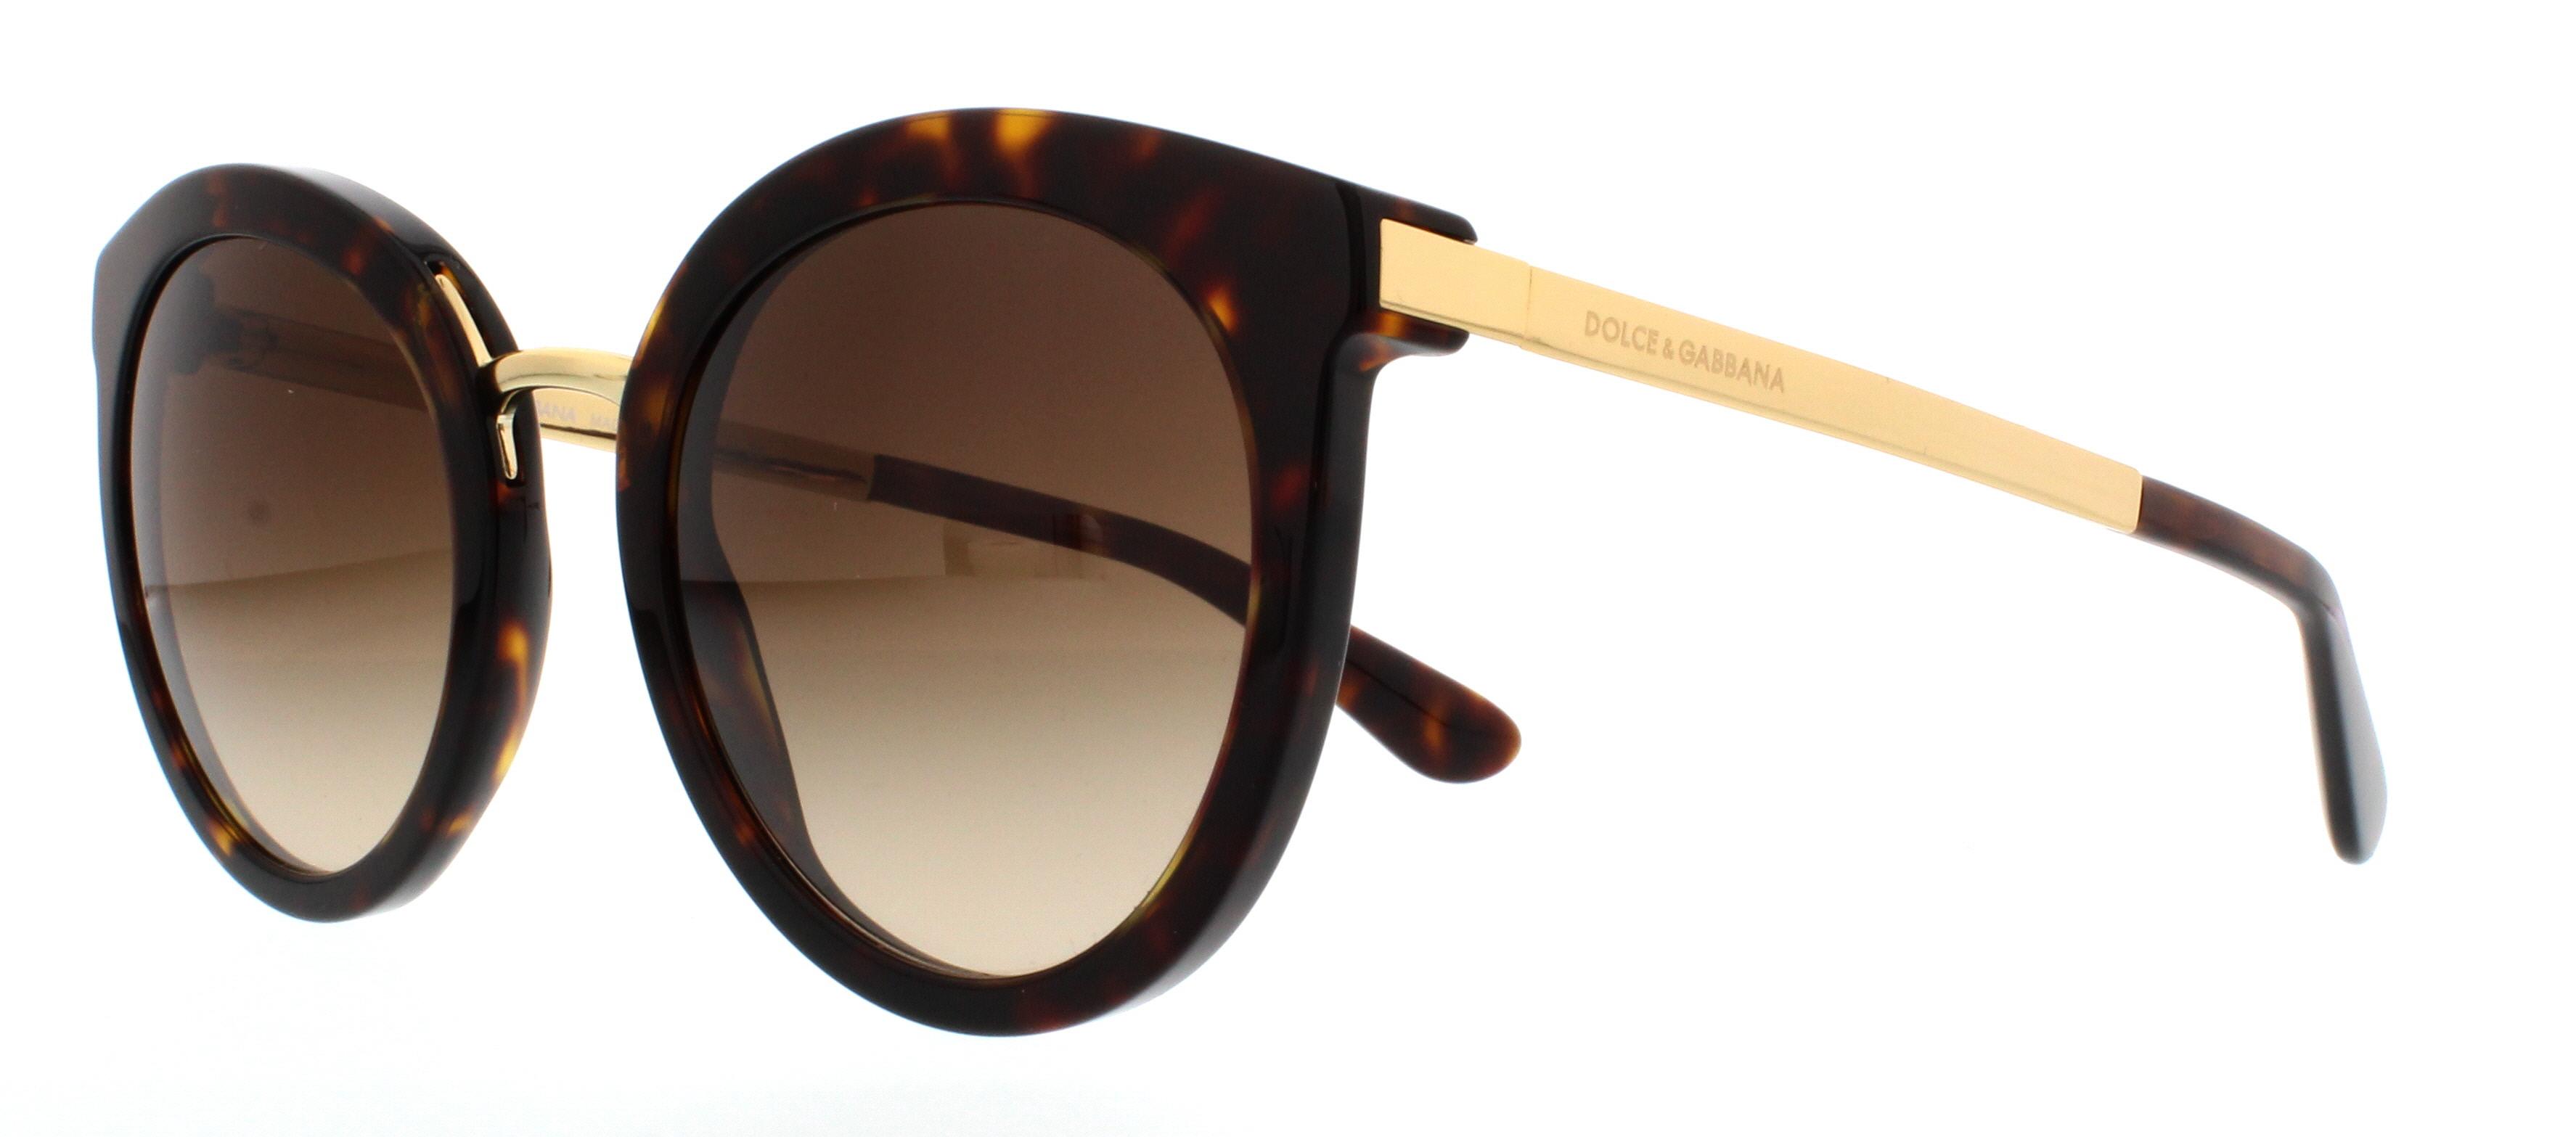 f9f4111834d6 Designer Frames Outlet. Dolce   Gabbana DG4268